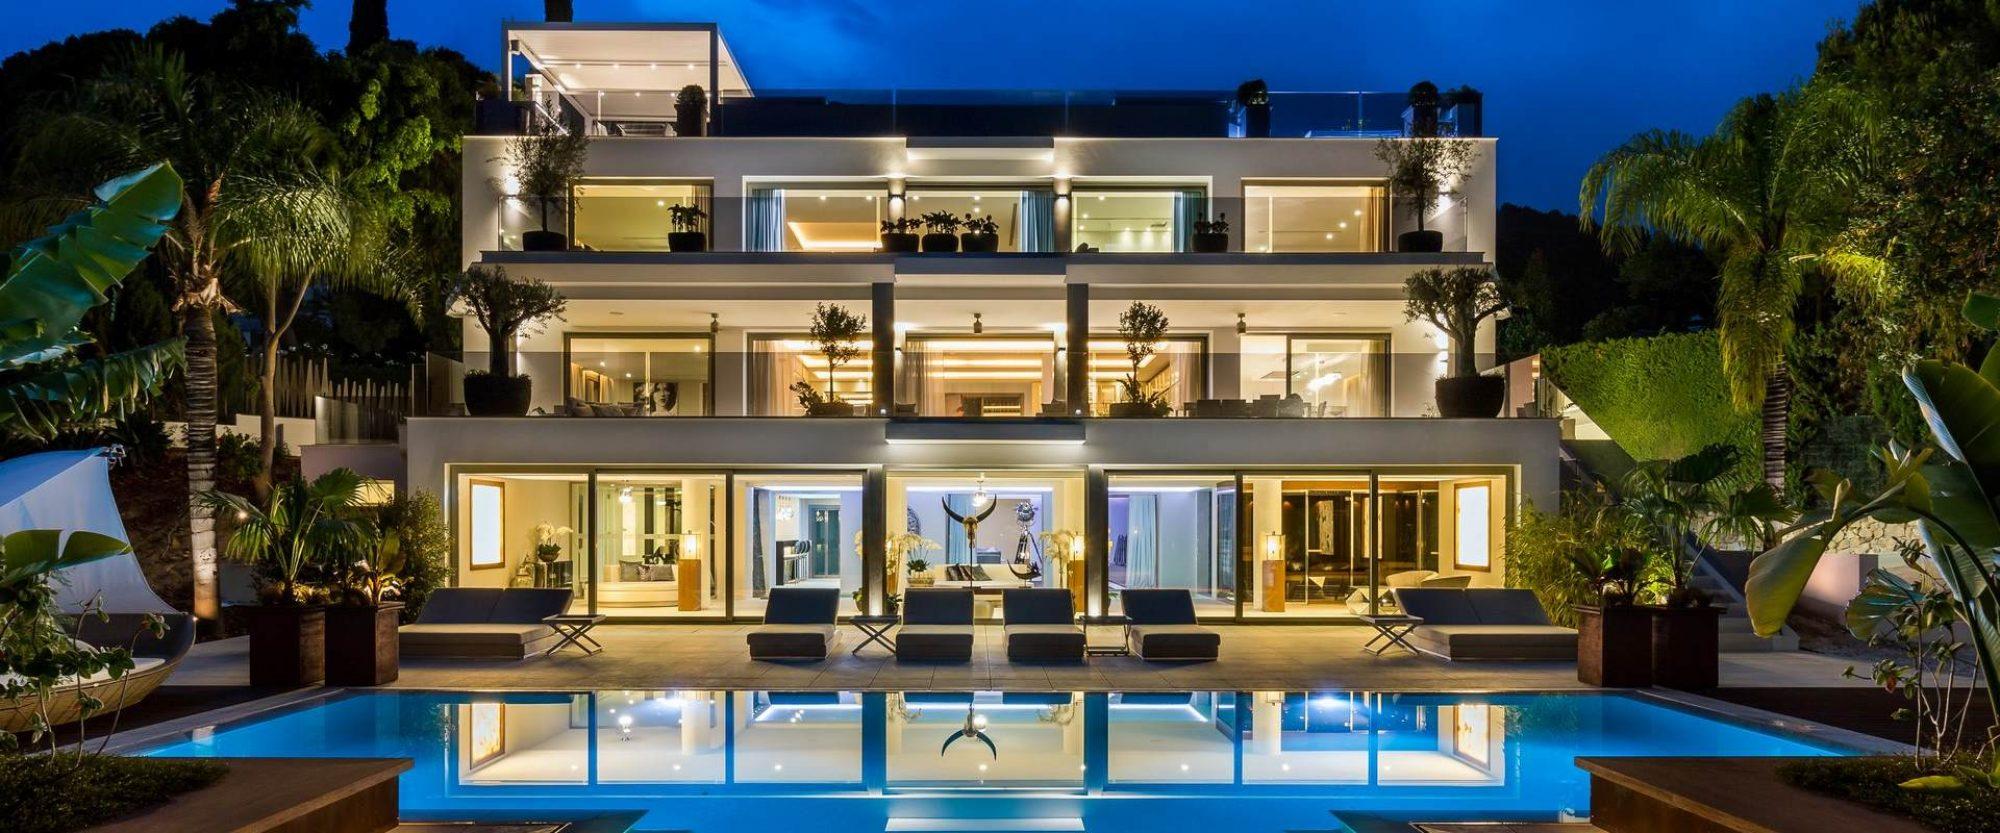 Marbella contemporary villa serenity - Domotica marbella ...